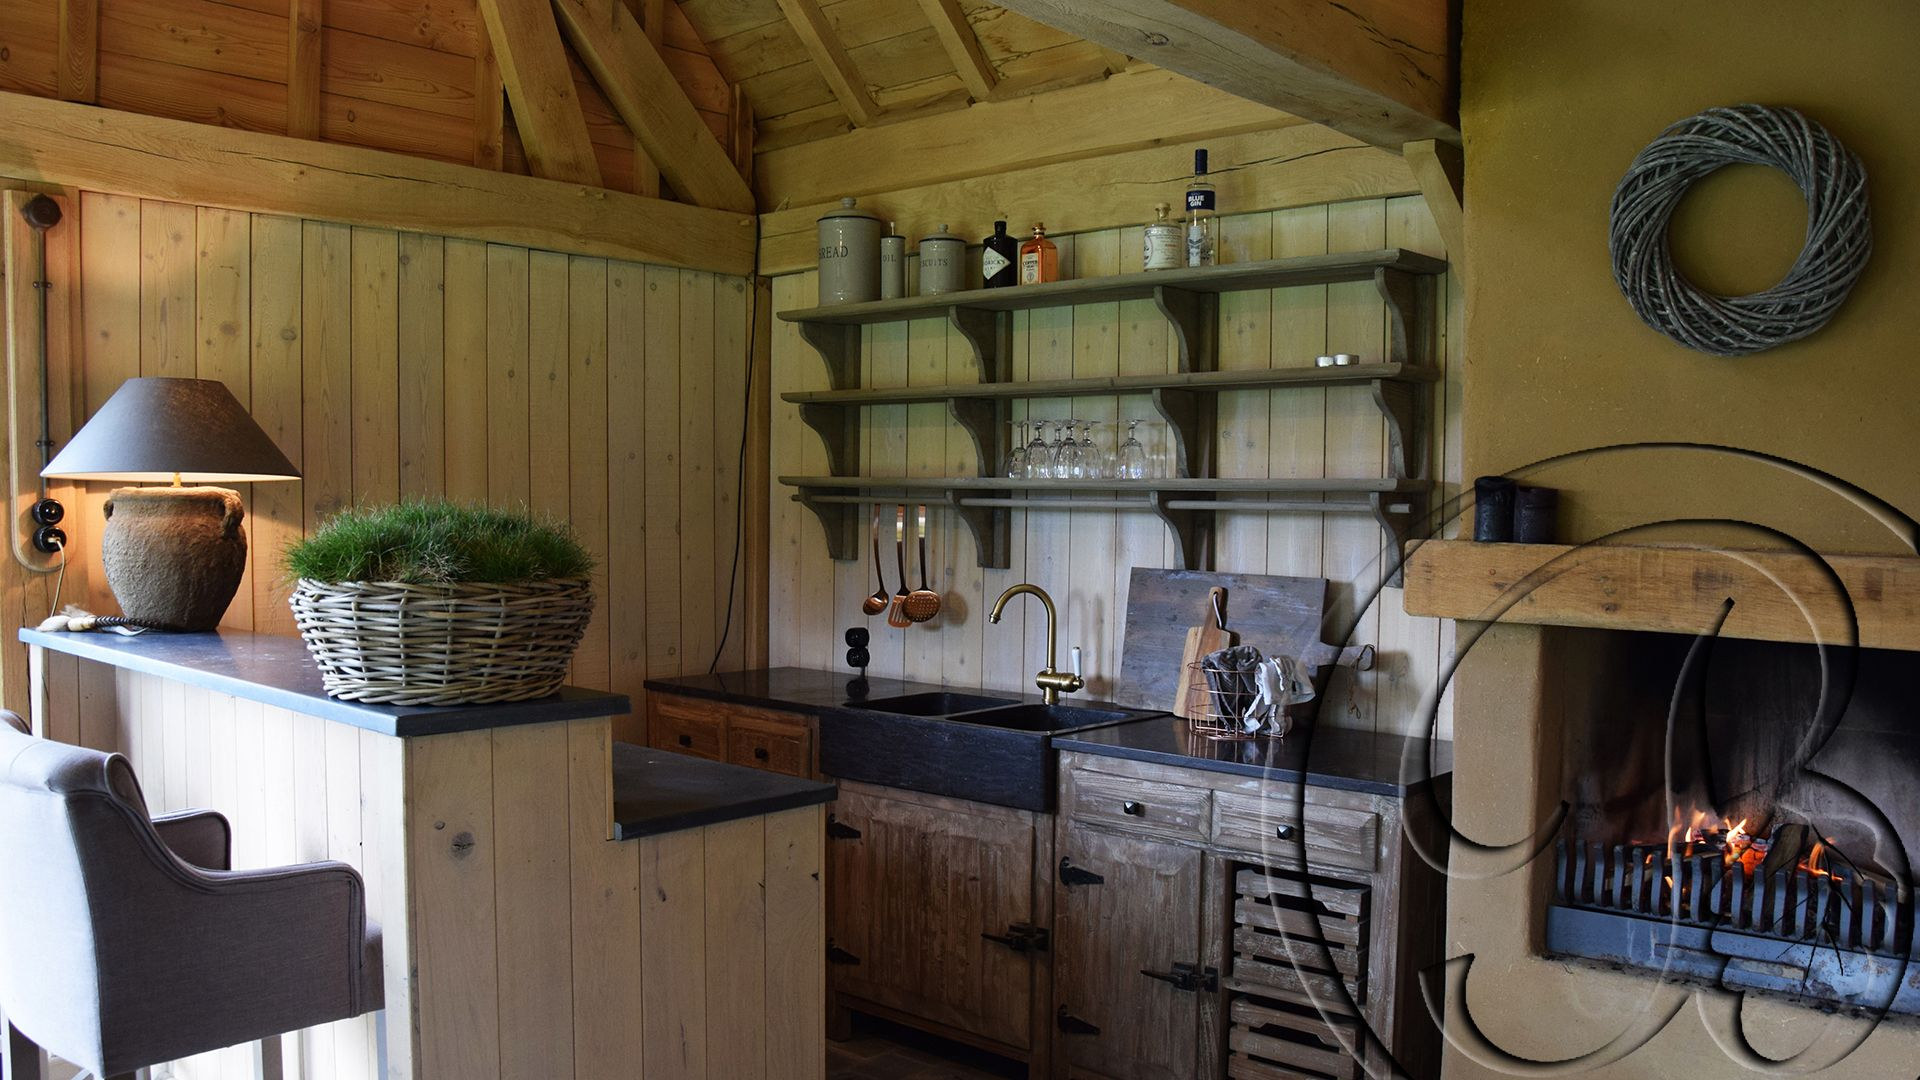 Poolhouse keuken met gekaleide open haard in een houten bijgebouw